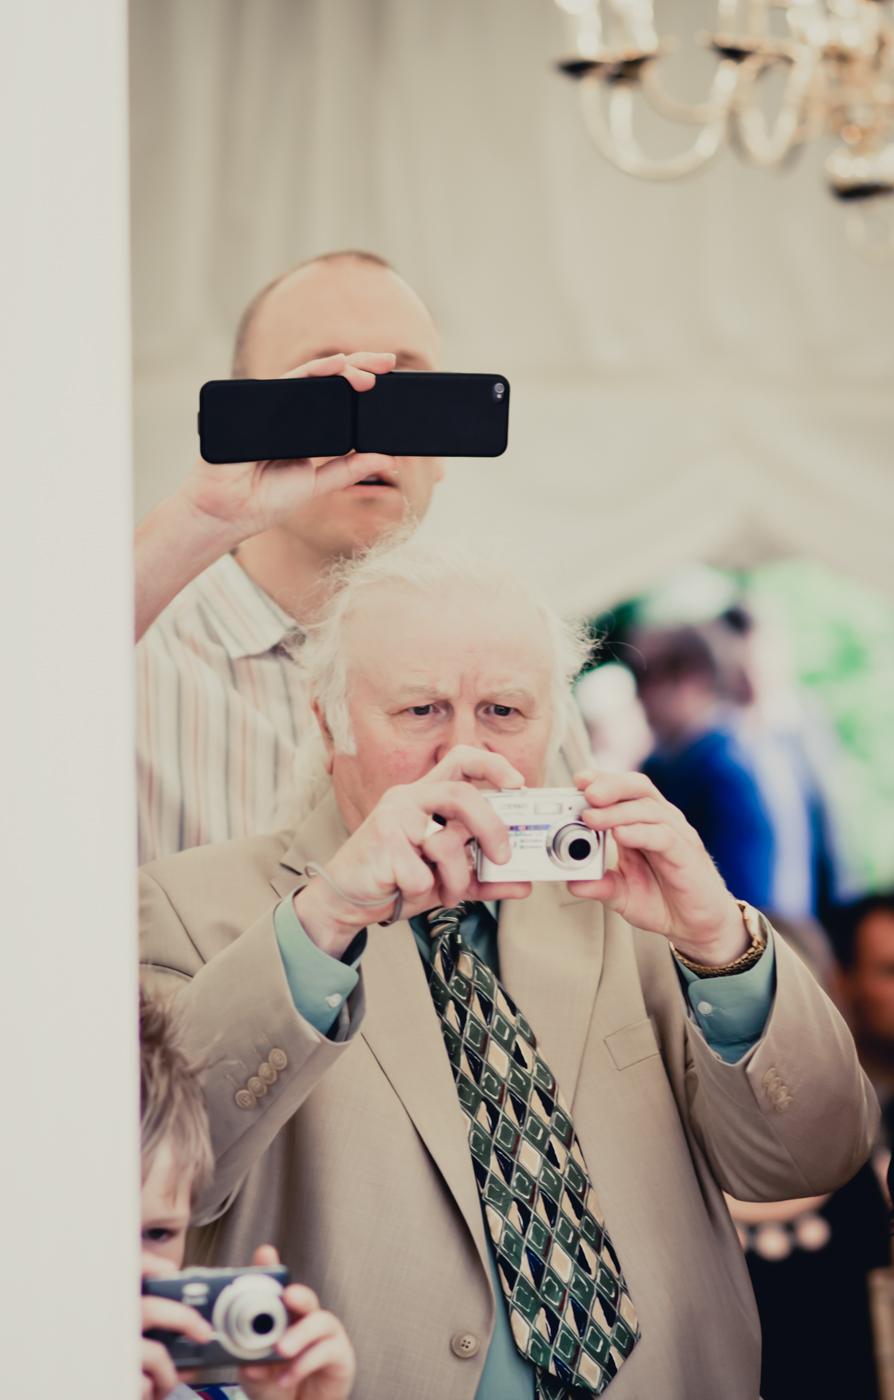 137 Keedy and Carl at The Secret Garden in Retford  - Wedding Photography by Mark Pugh www.markpugh.com_.jpg